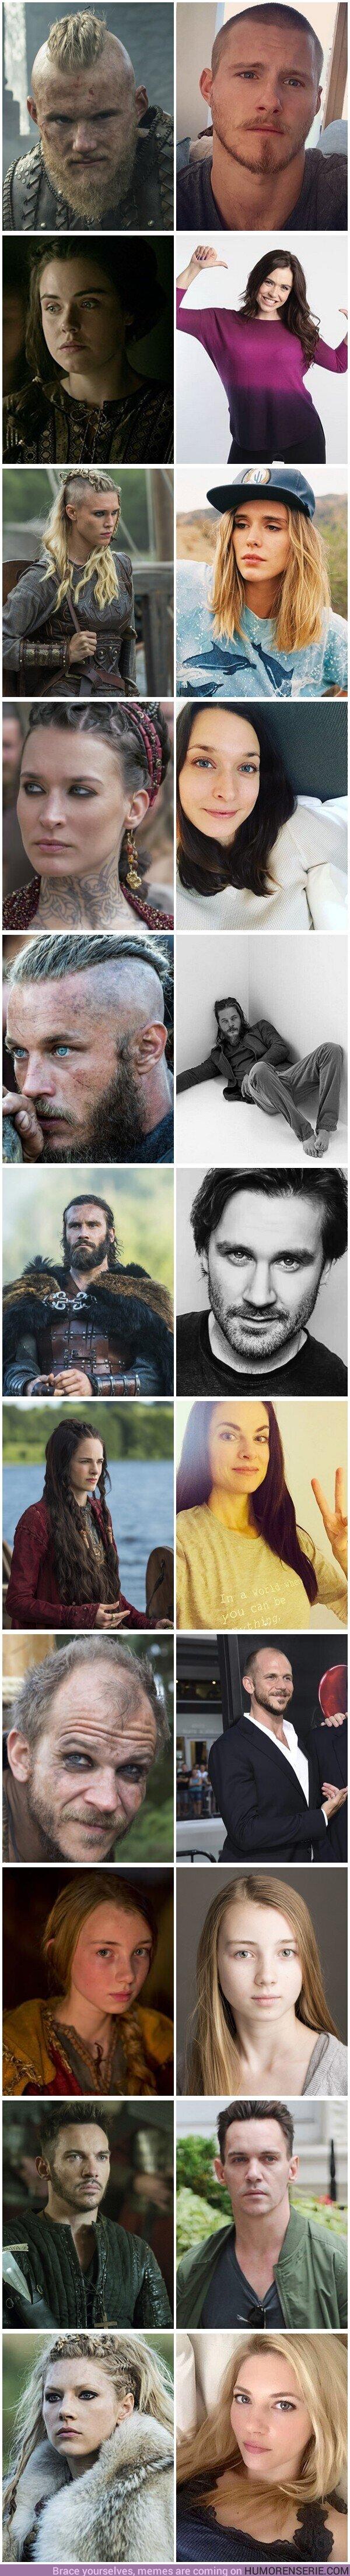 49803 - GALERÍA: Así son los actores de Vikings en la vida real